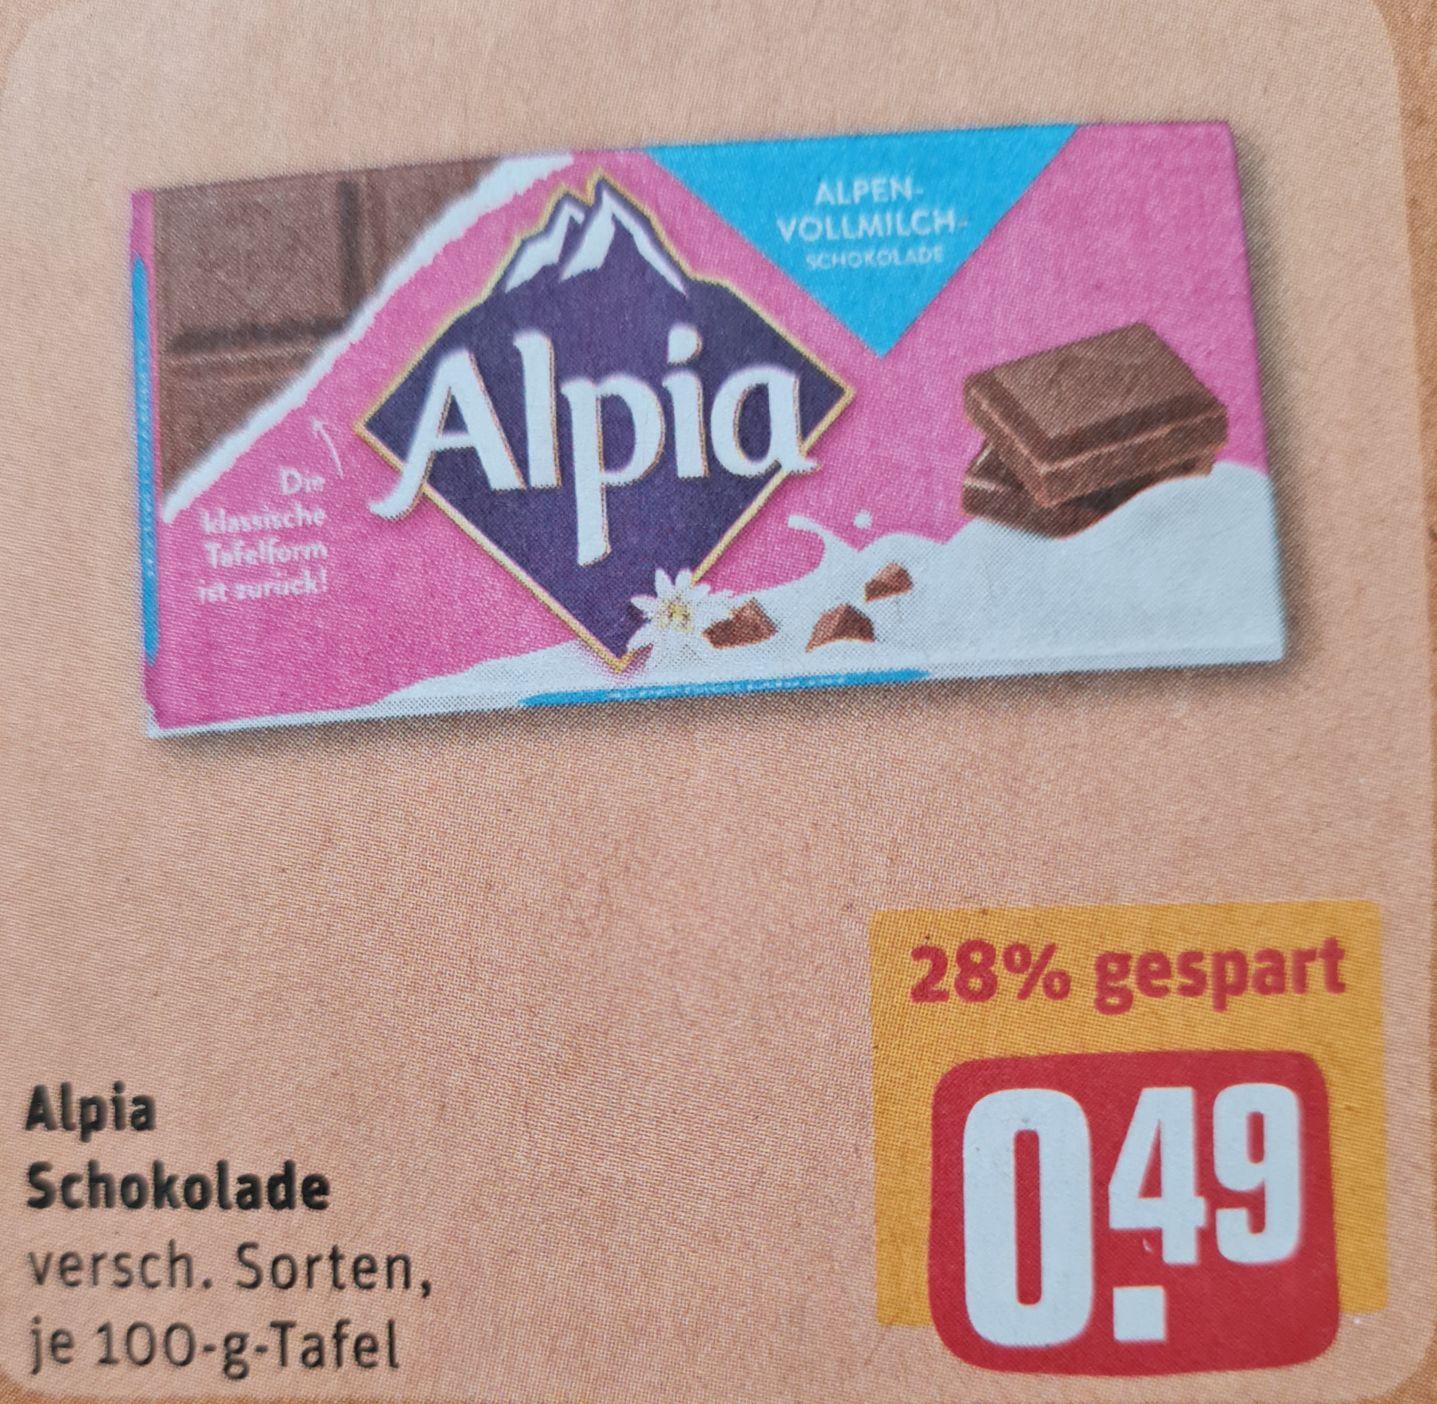 Alpia Schokolade verschiedene Sorten je 100 g Tafel und Hennessy VS Cognac 40% 0,7 l im Rewe ab 22.03